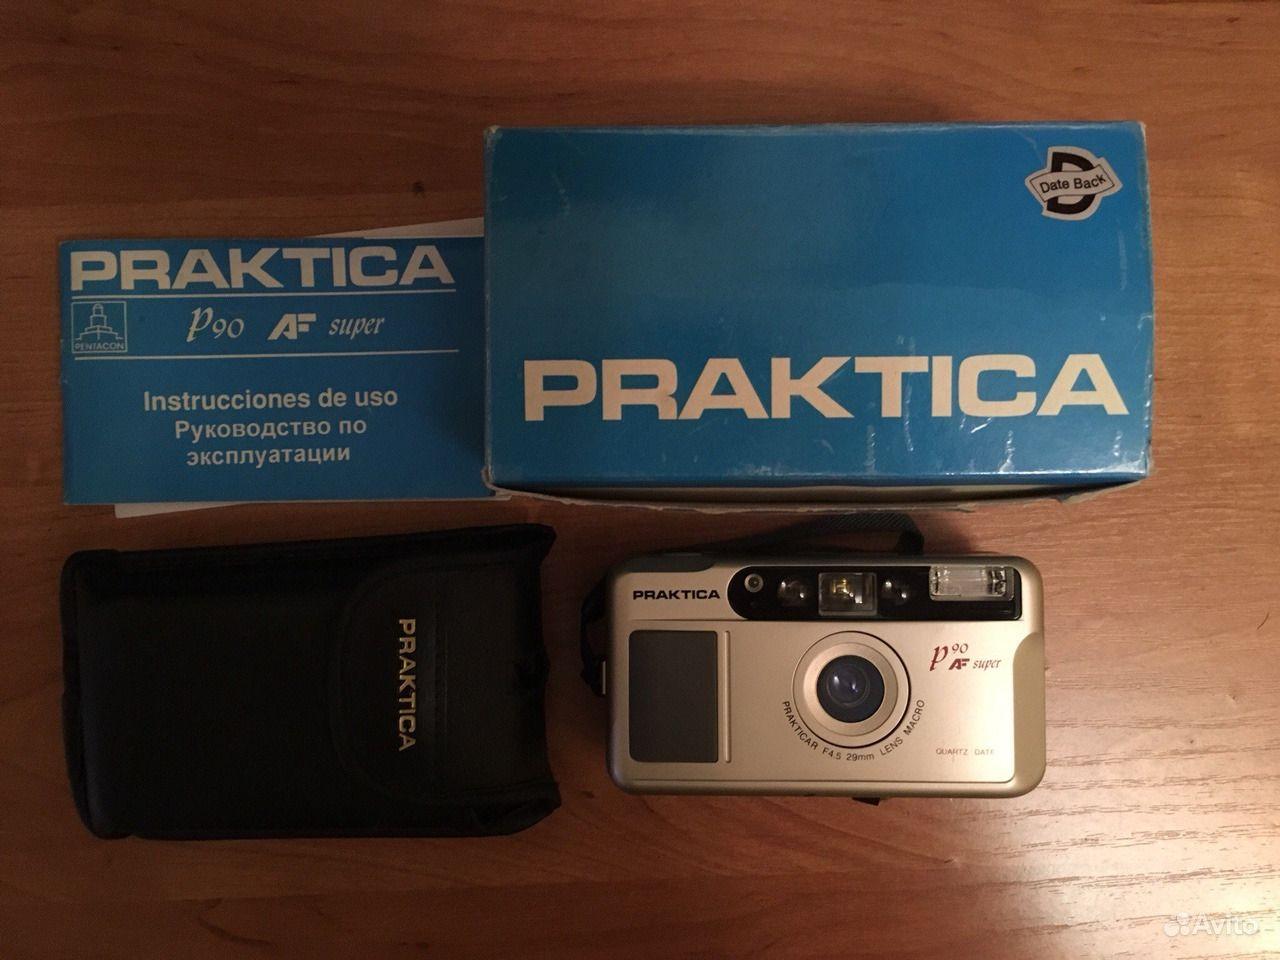 Nikon Entfernungsmesser Opinie : Praktica p90 af: Купить Компактный фотоаппарат dcz по